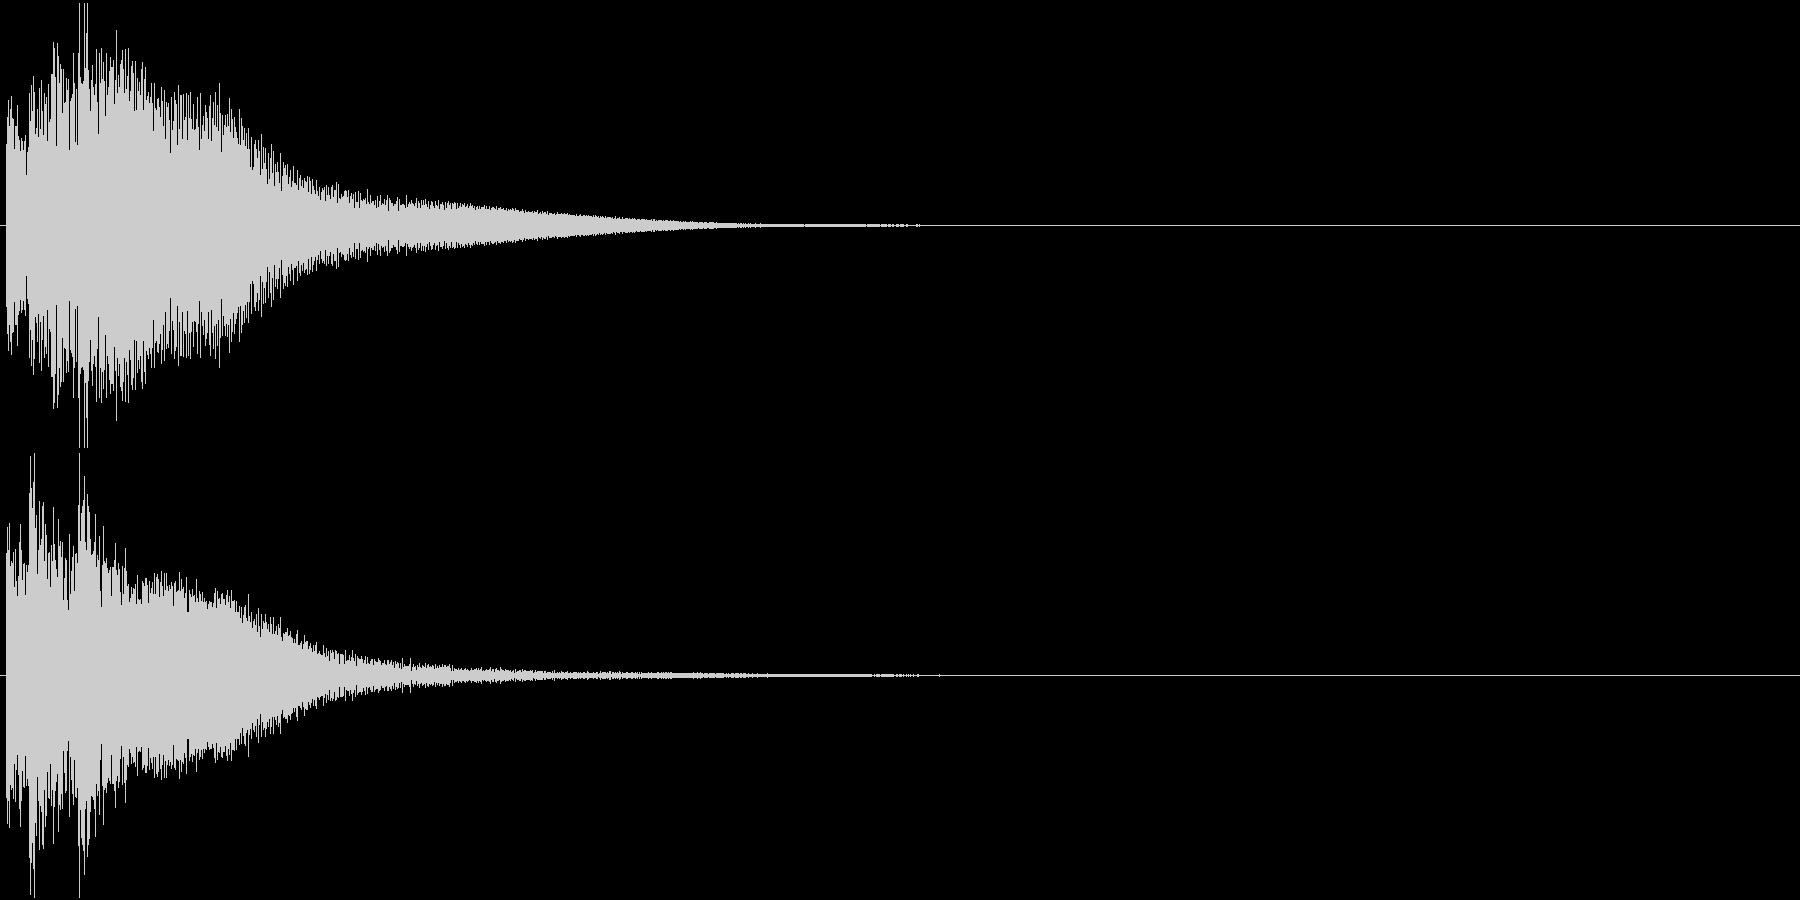 綺麗なボタン音05(ティロリン)の未再生の波形